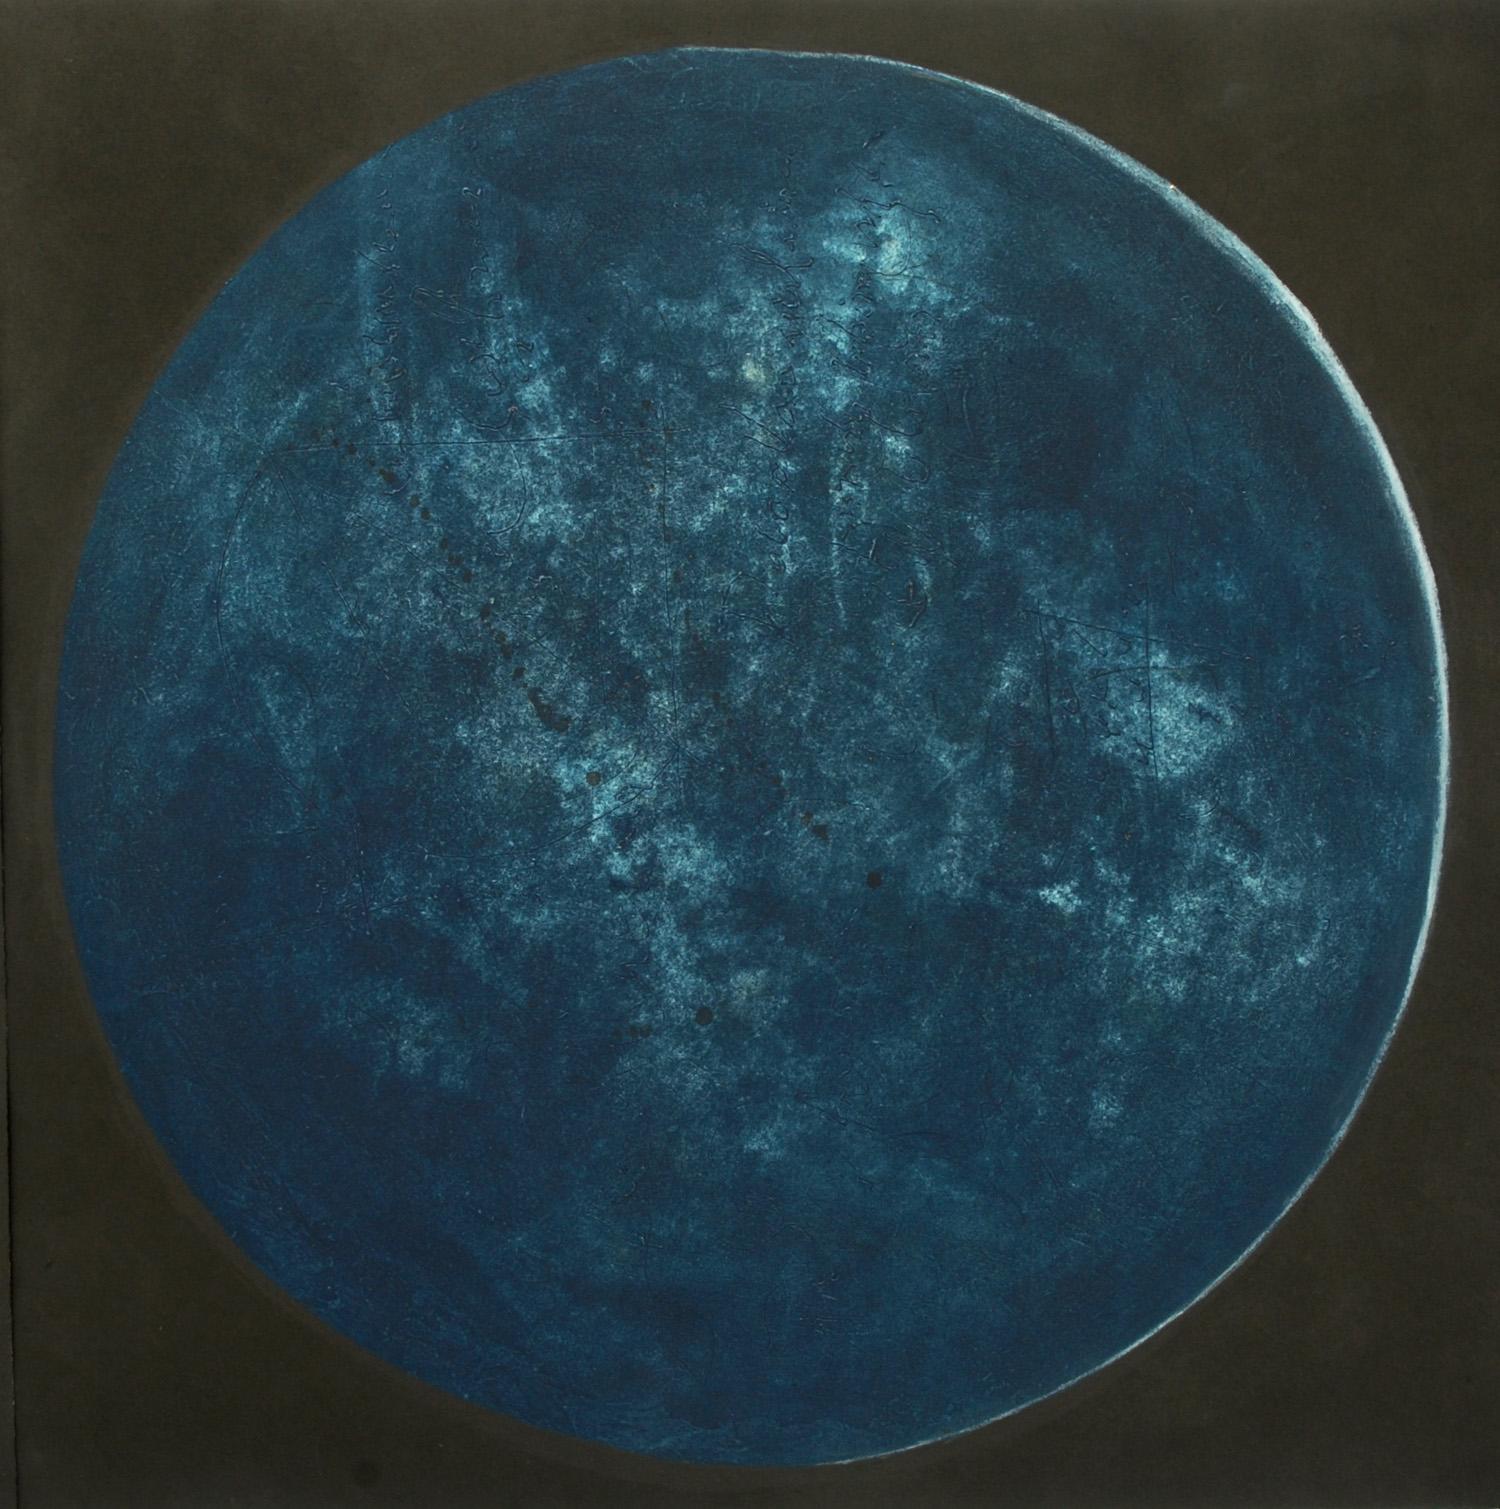 Lumière dans la nuit VI, essai, estampe, 57 x 57 cm